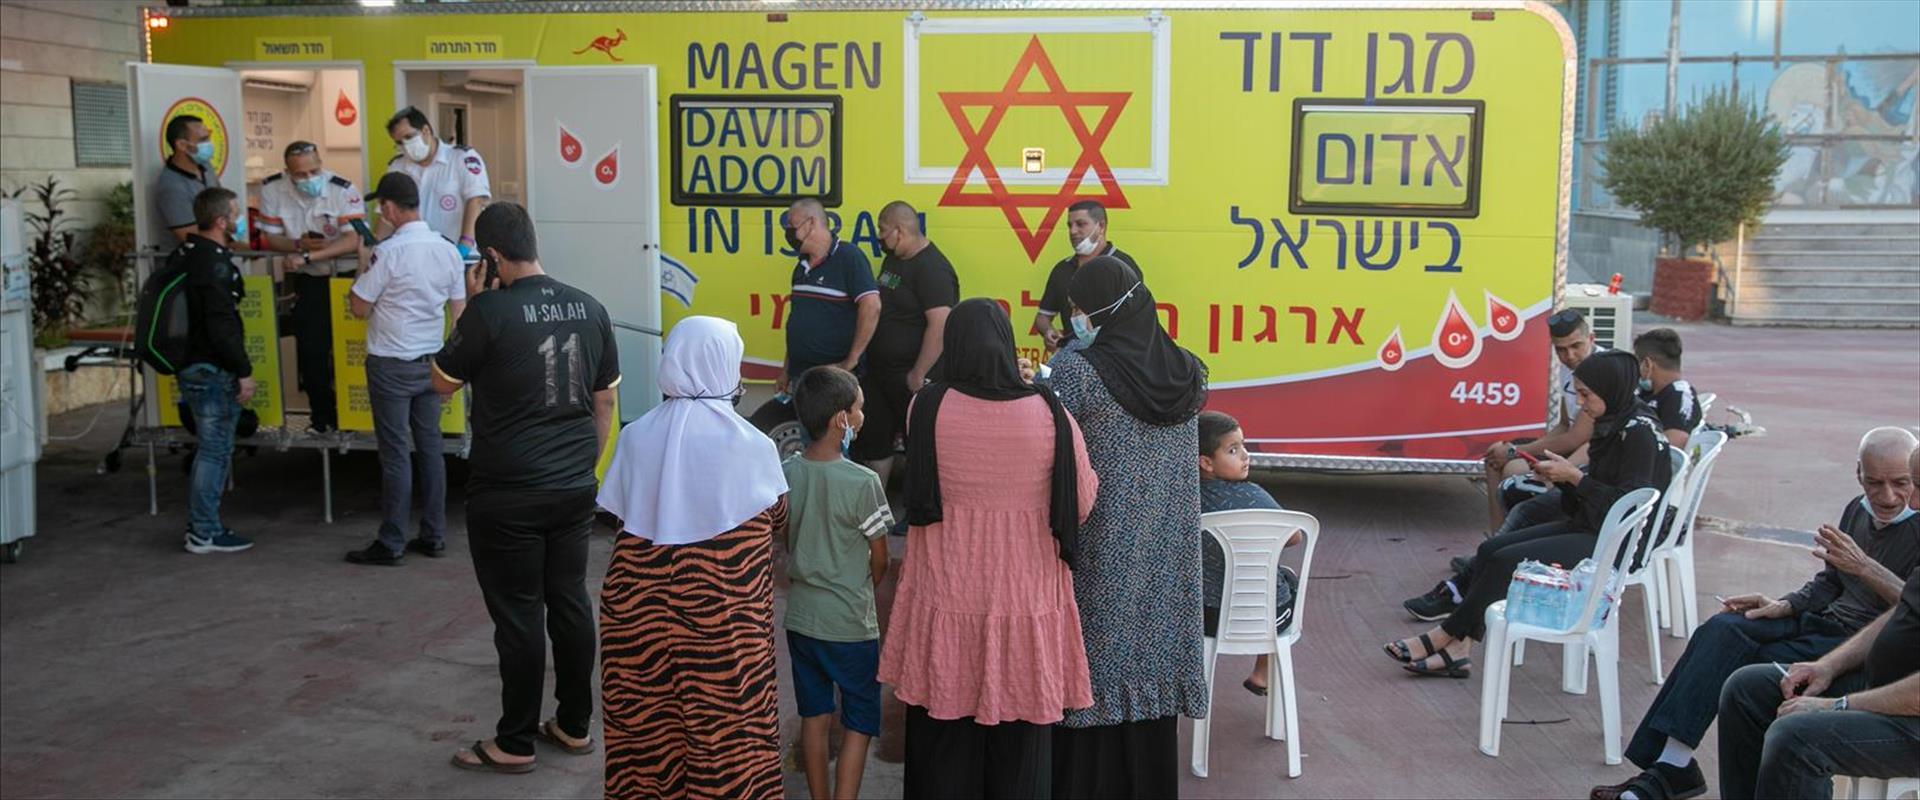 מבצע חיסונים בכפר קאסם, אתמול